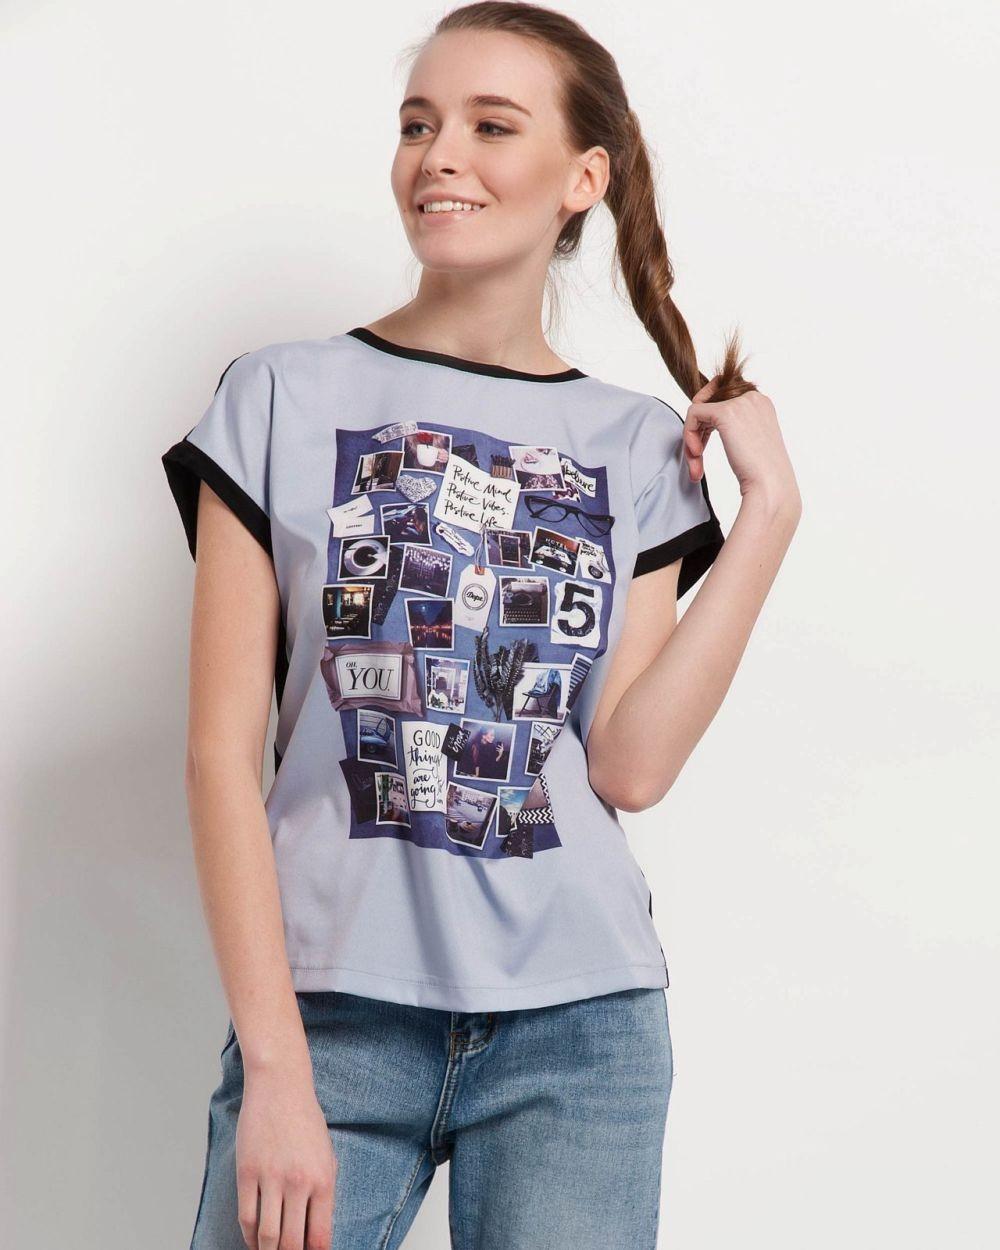 модные футболки 2018 женские фото: серая с принтом